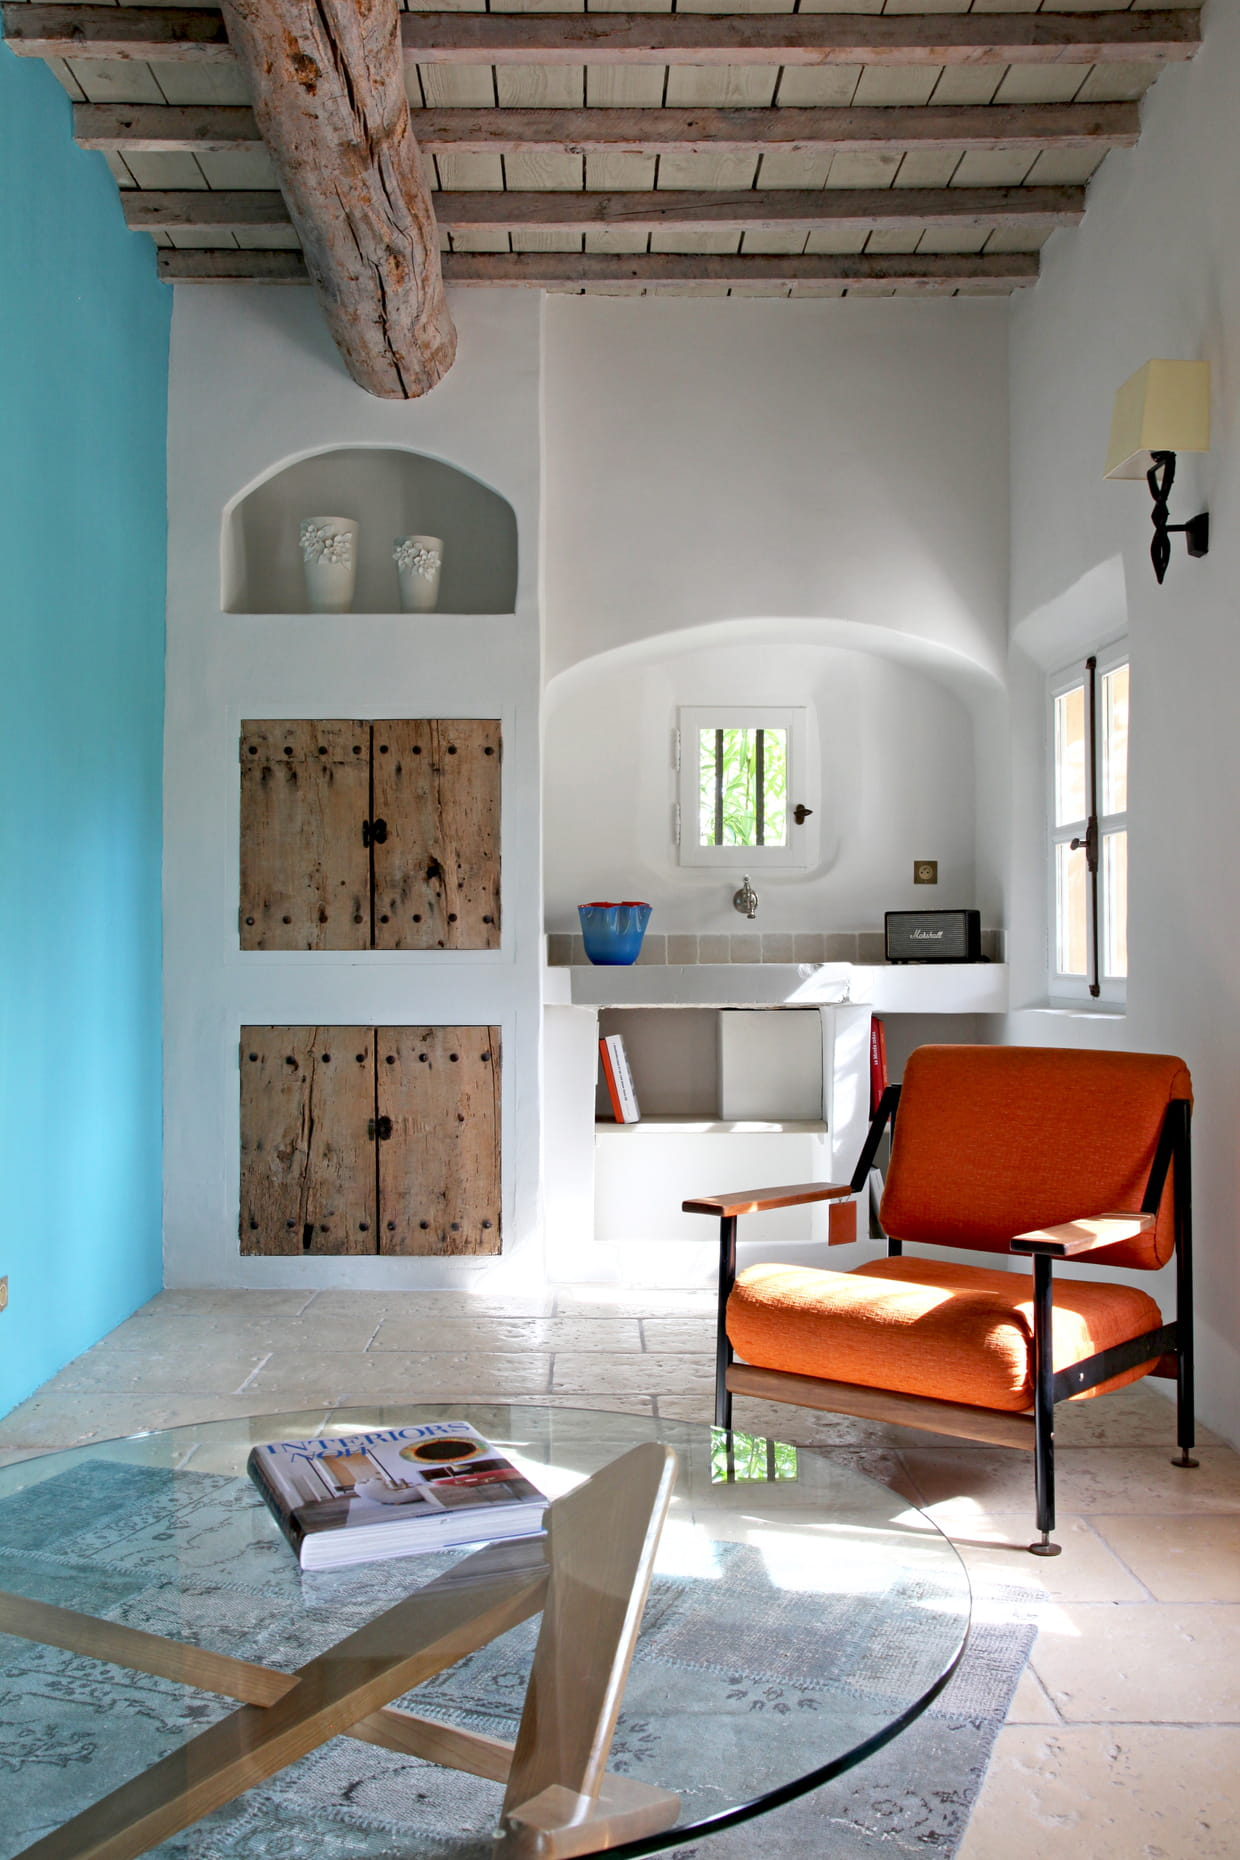 Salon bleu ciel et orange